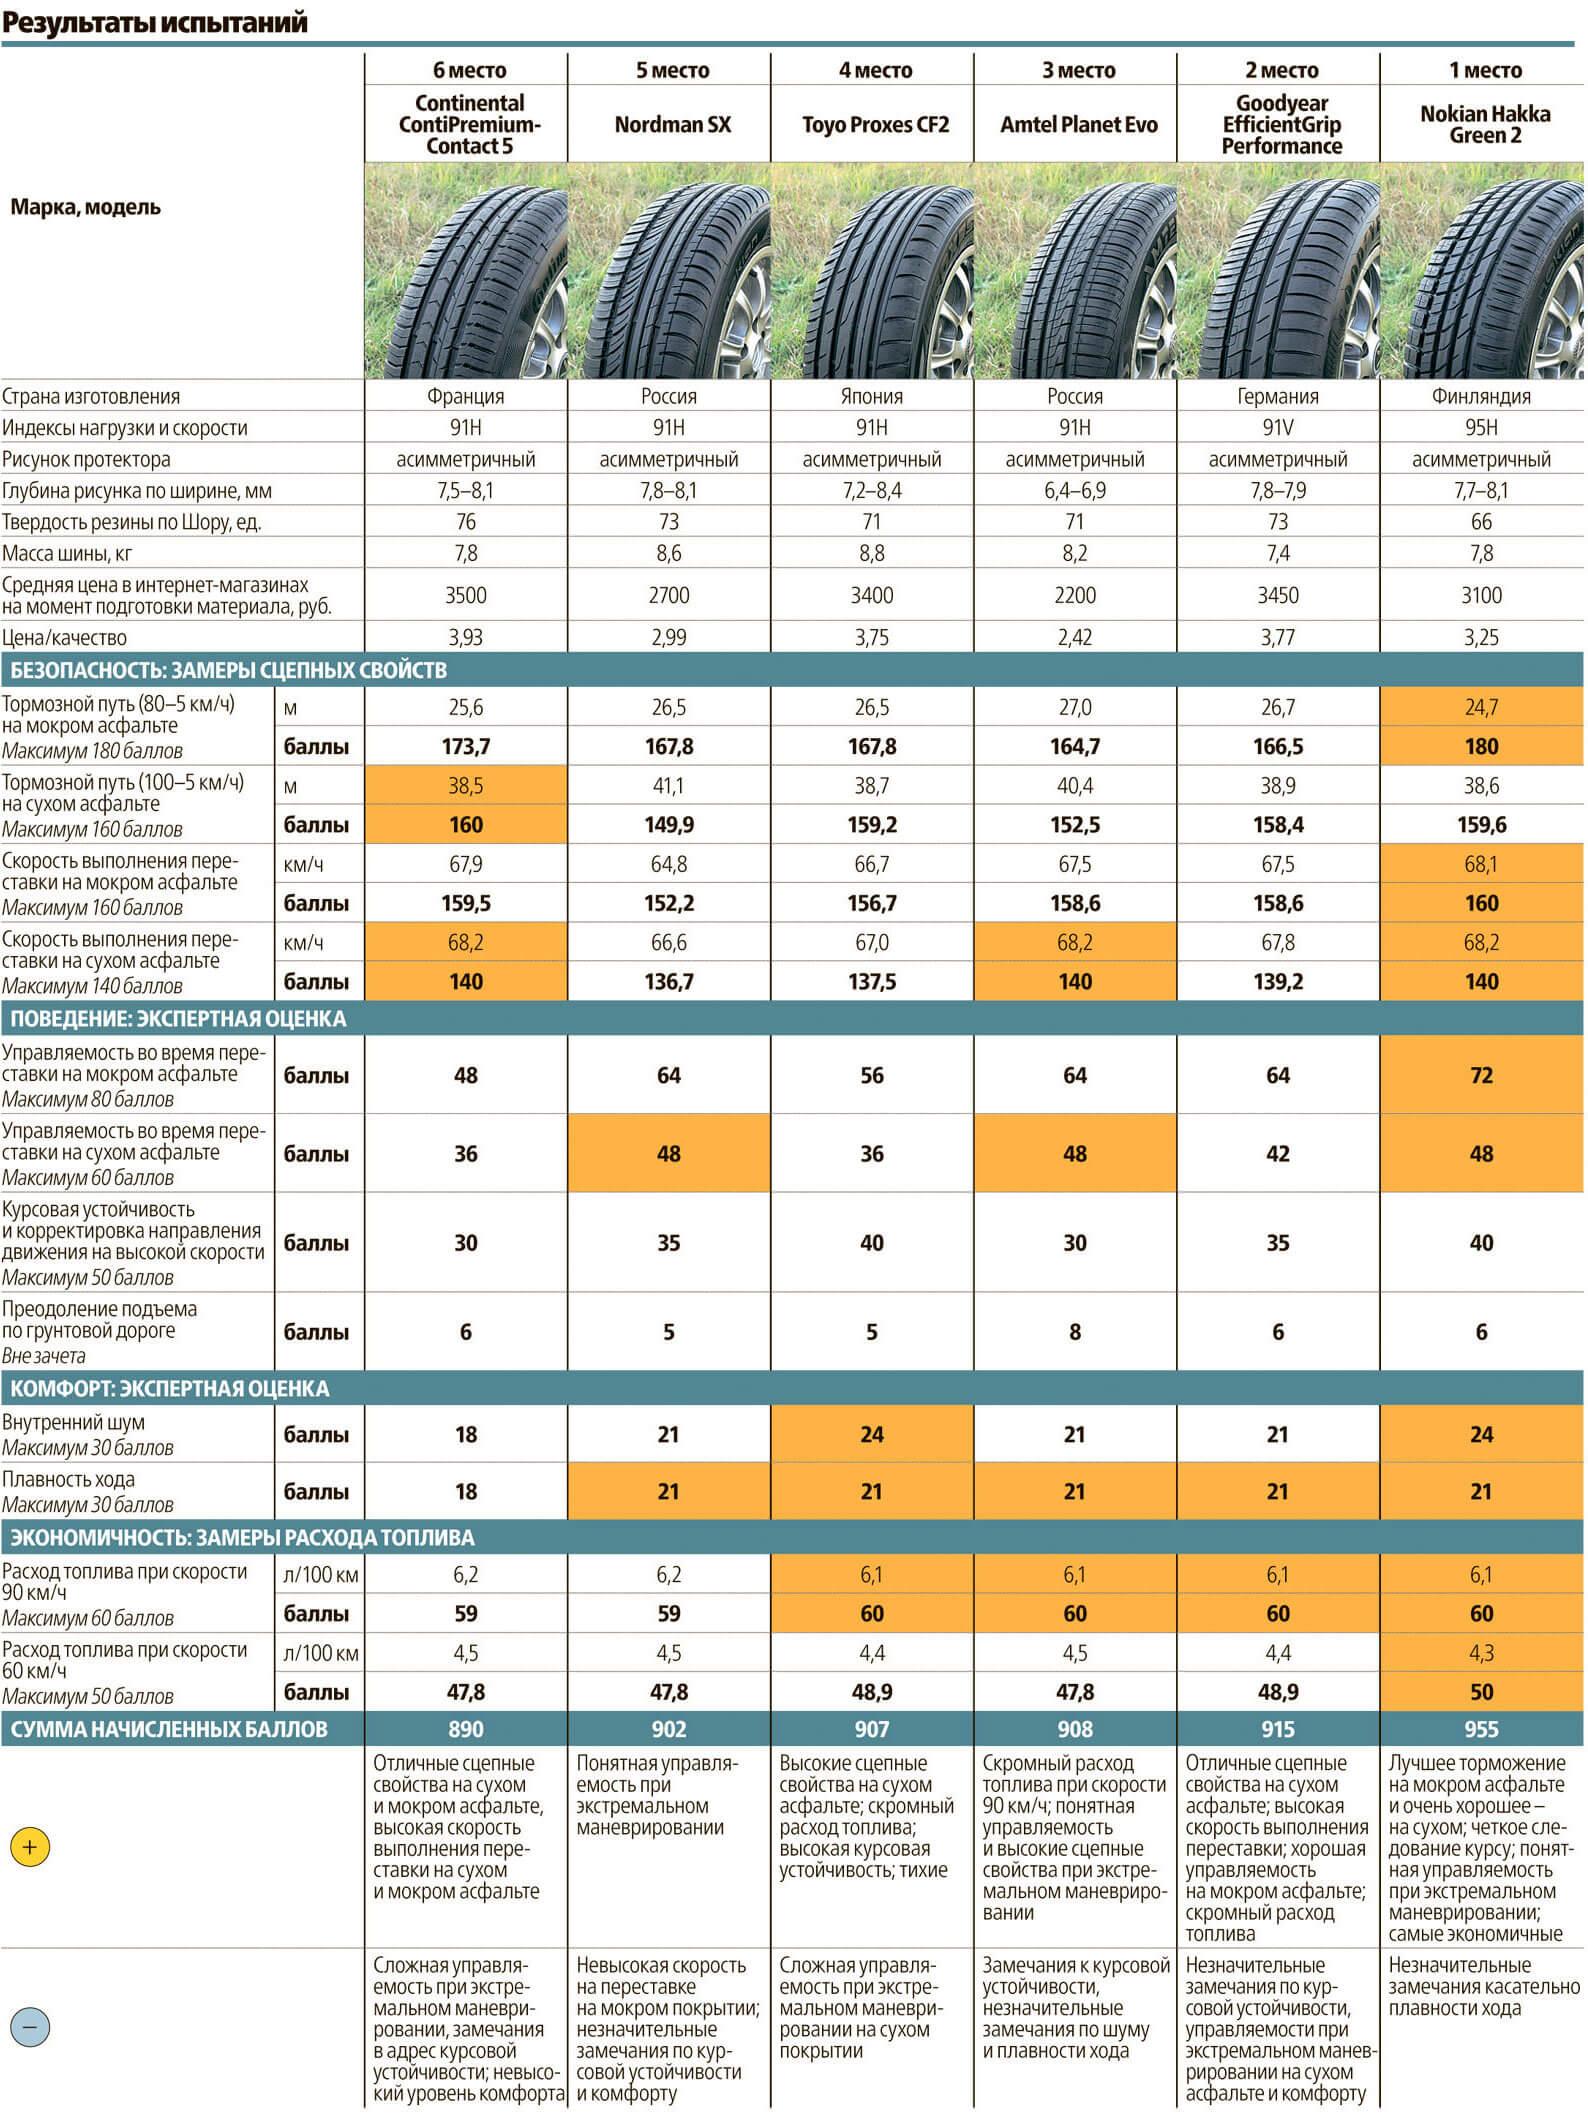 Сравнительная таблица За рулём 2